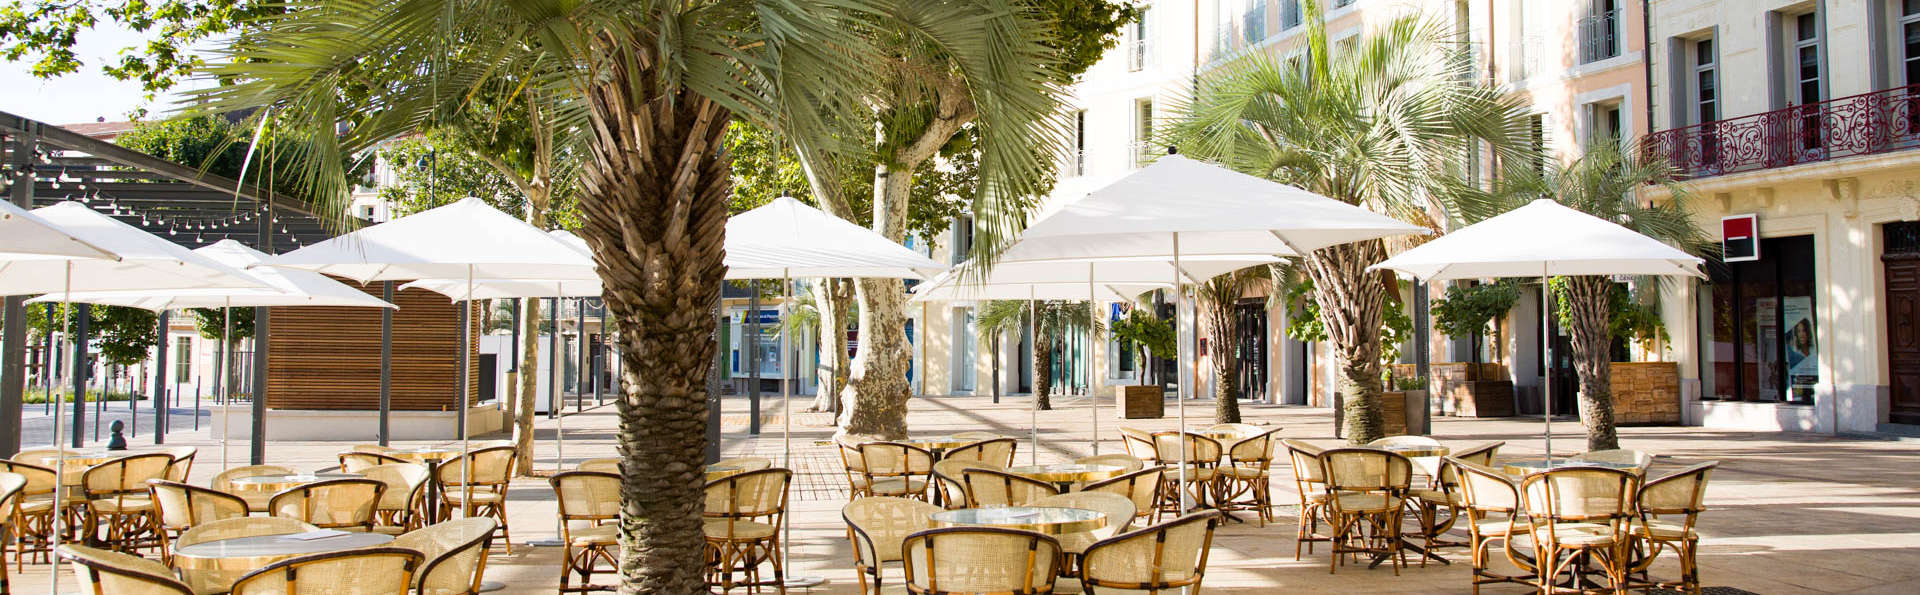 Séjour de charme dans un cadre raffinée à Béziers